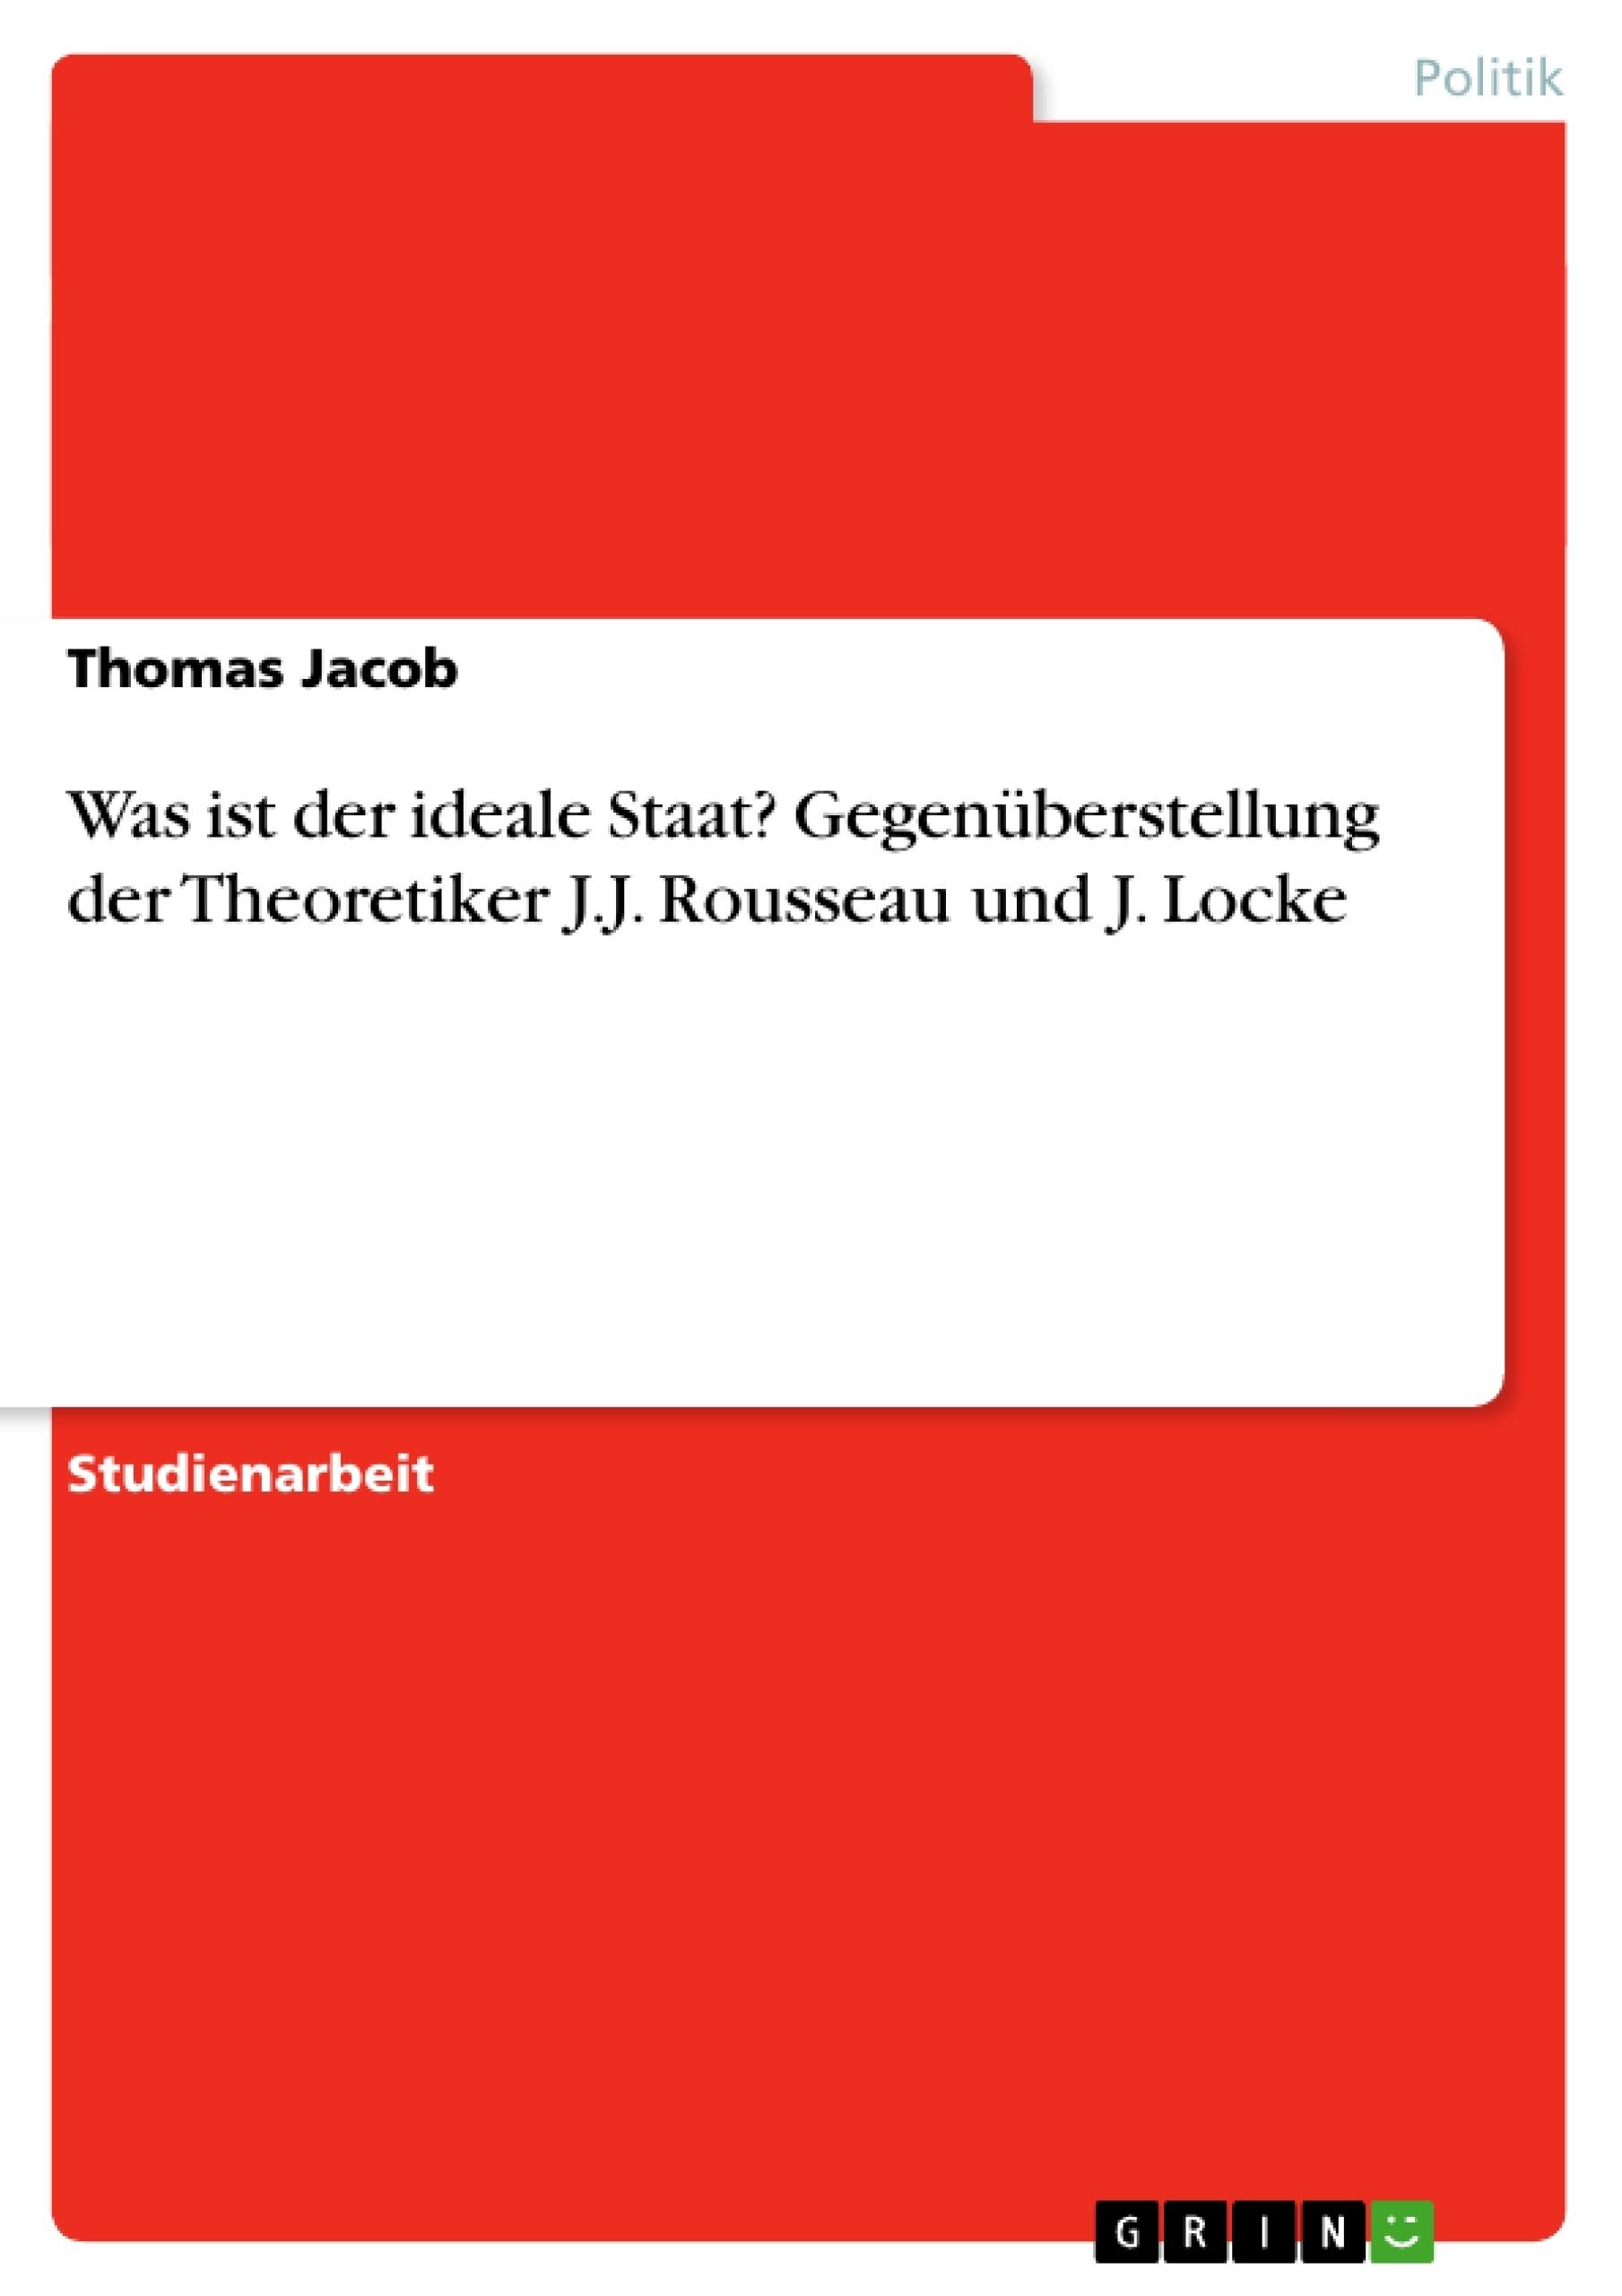 Titel: Was ist der ideale Staat? Gegenüberstellung der Theoretiker J.J. Rousseau und J. Locke